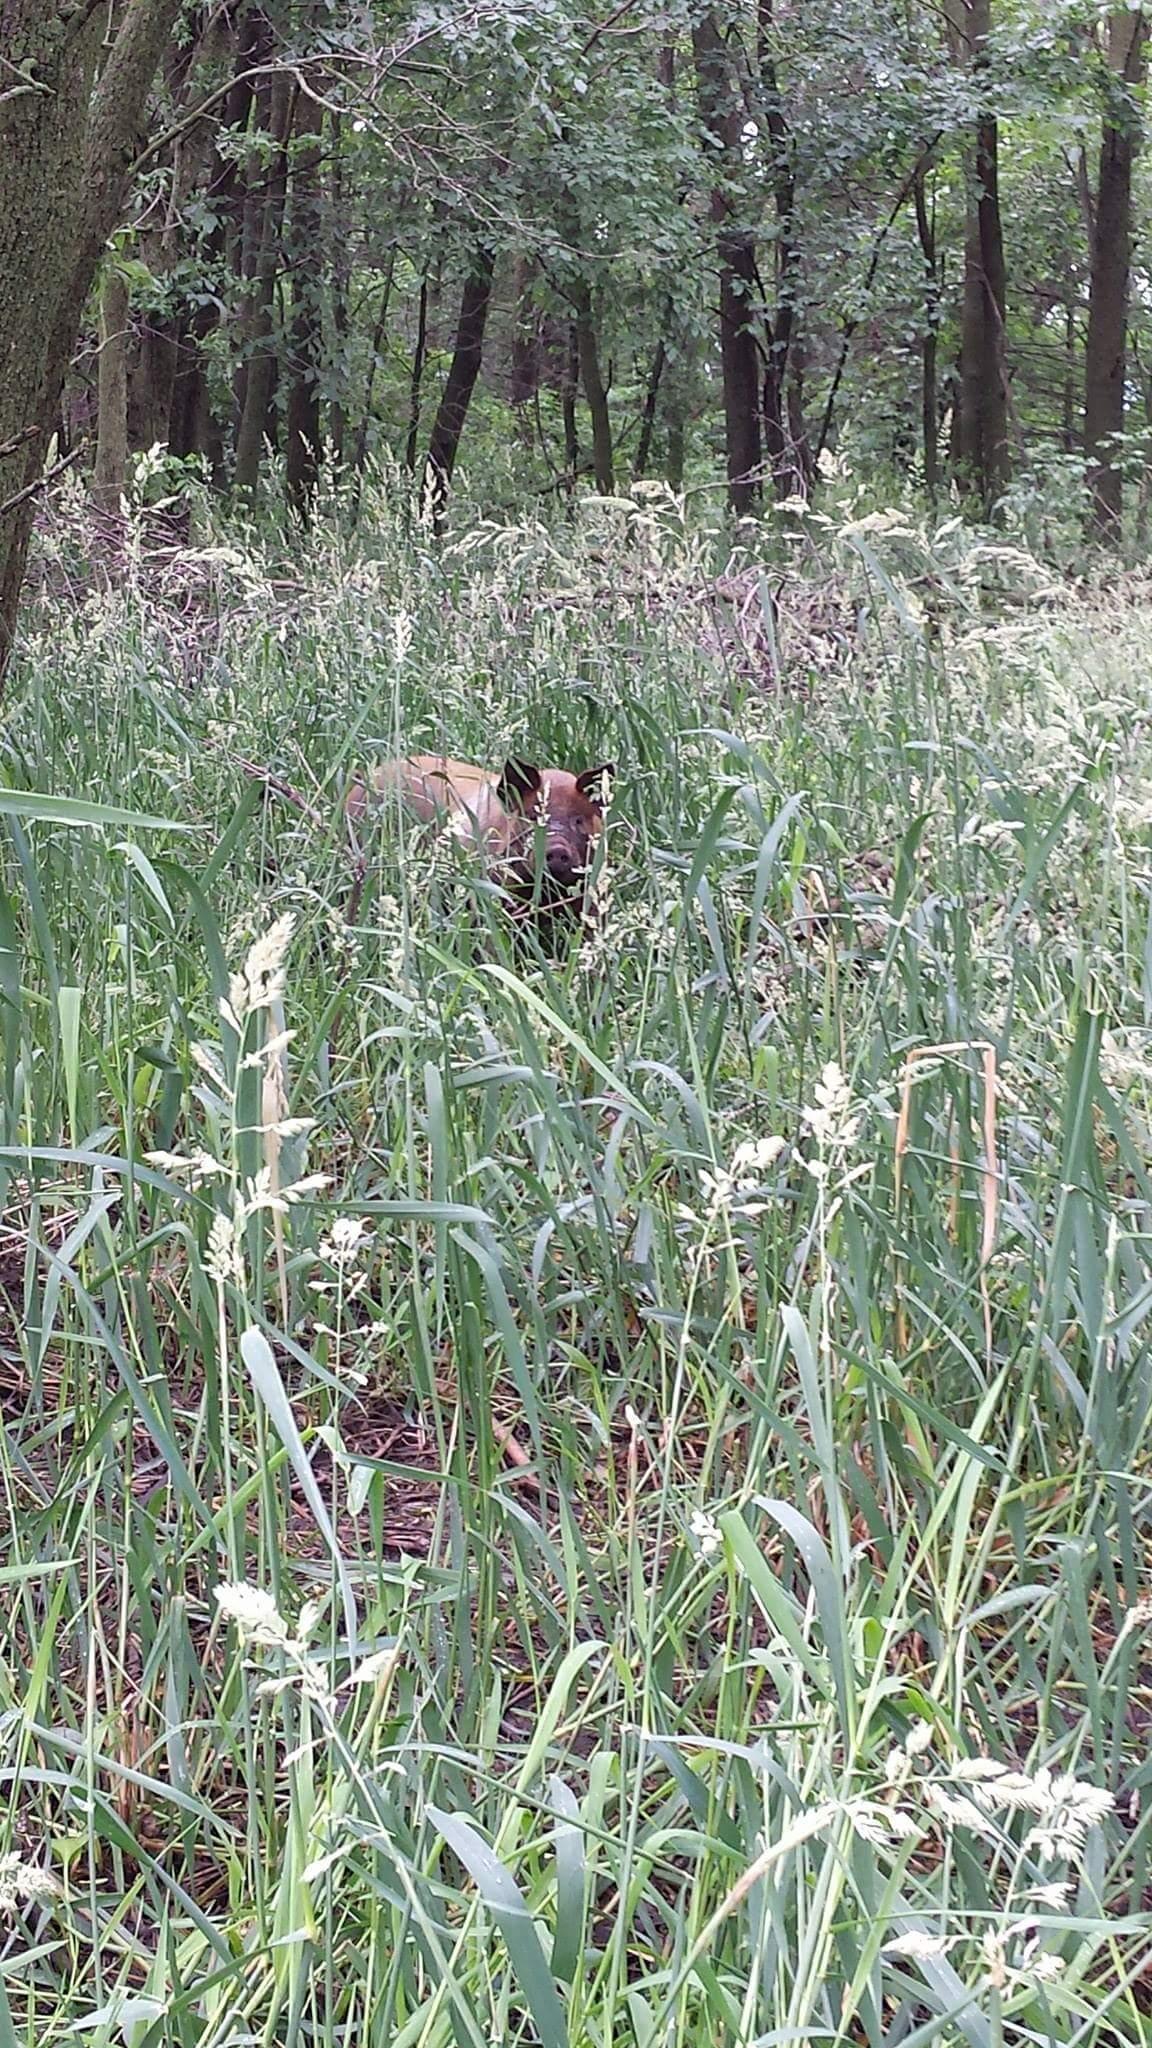 hog grazing in tall grass